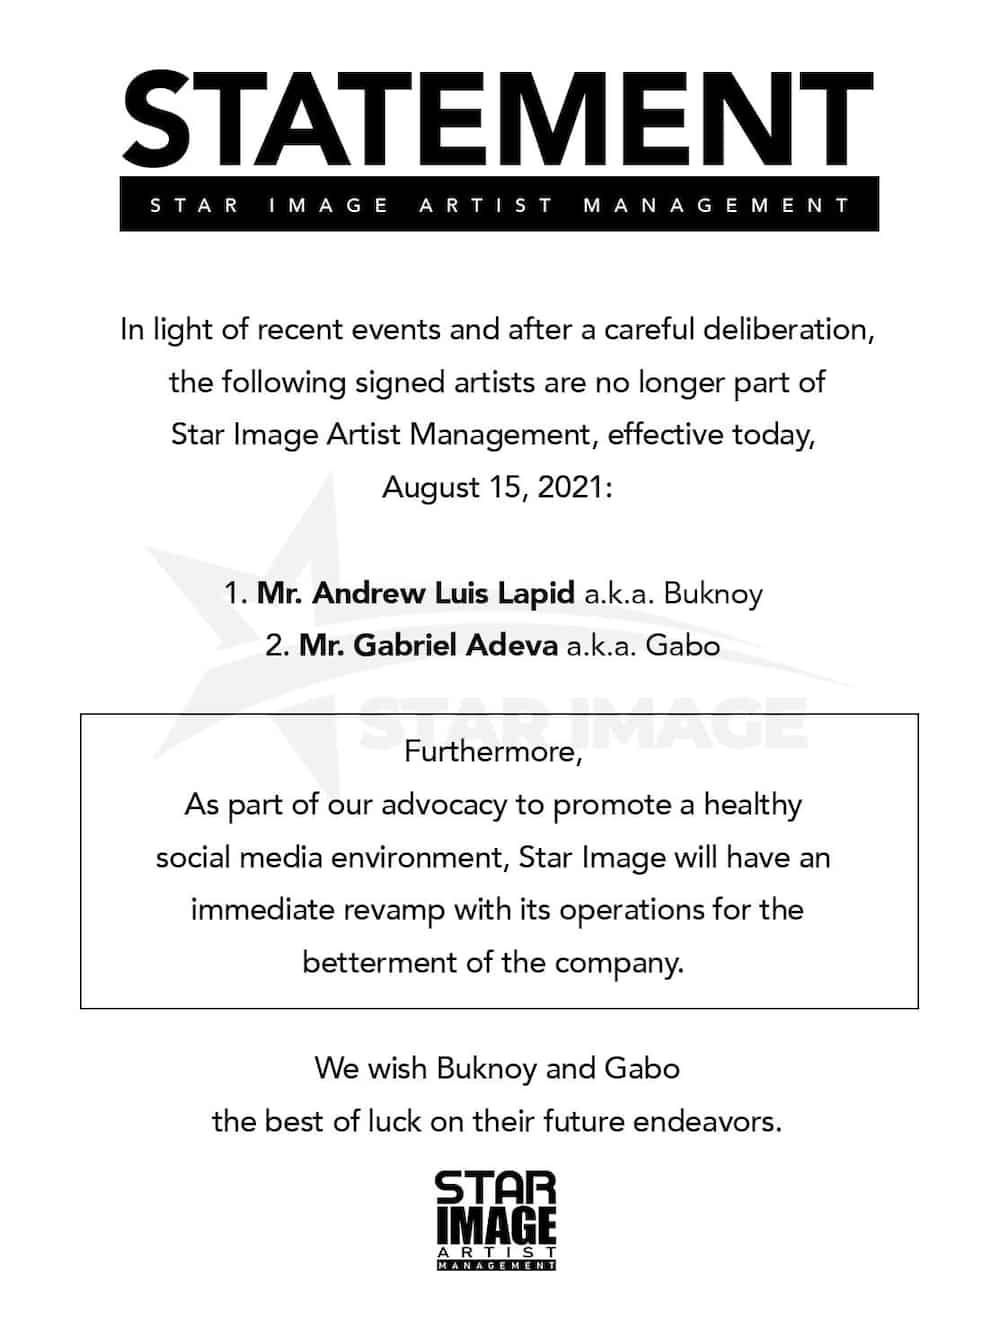 Buknoy Glamurrr at Gabo, hindi na parte ng Star Image Artist Management